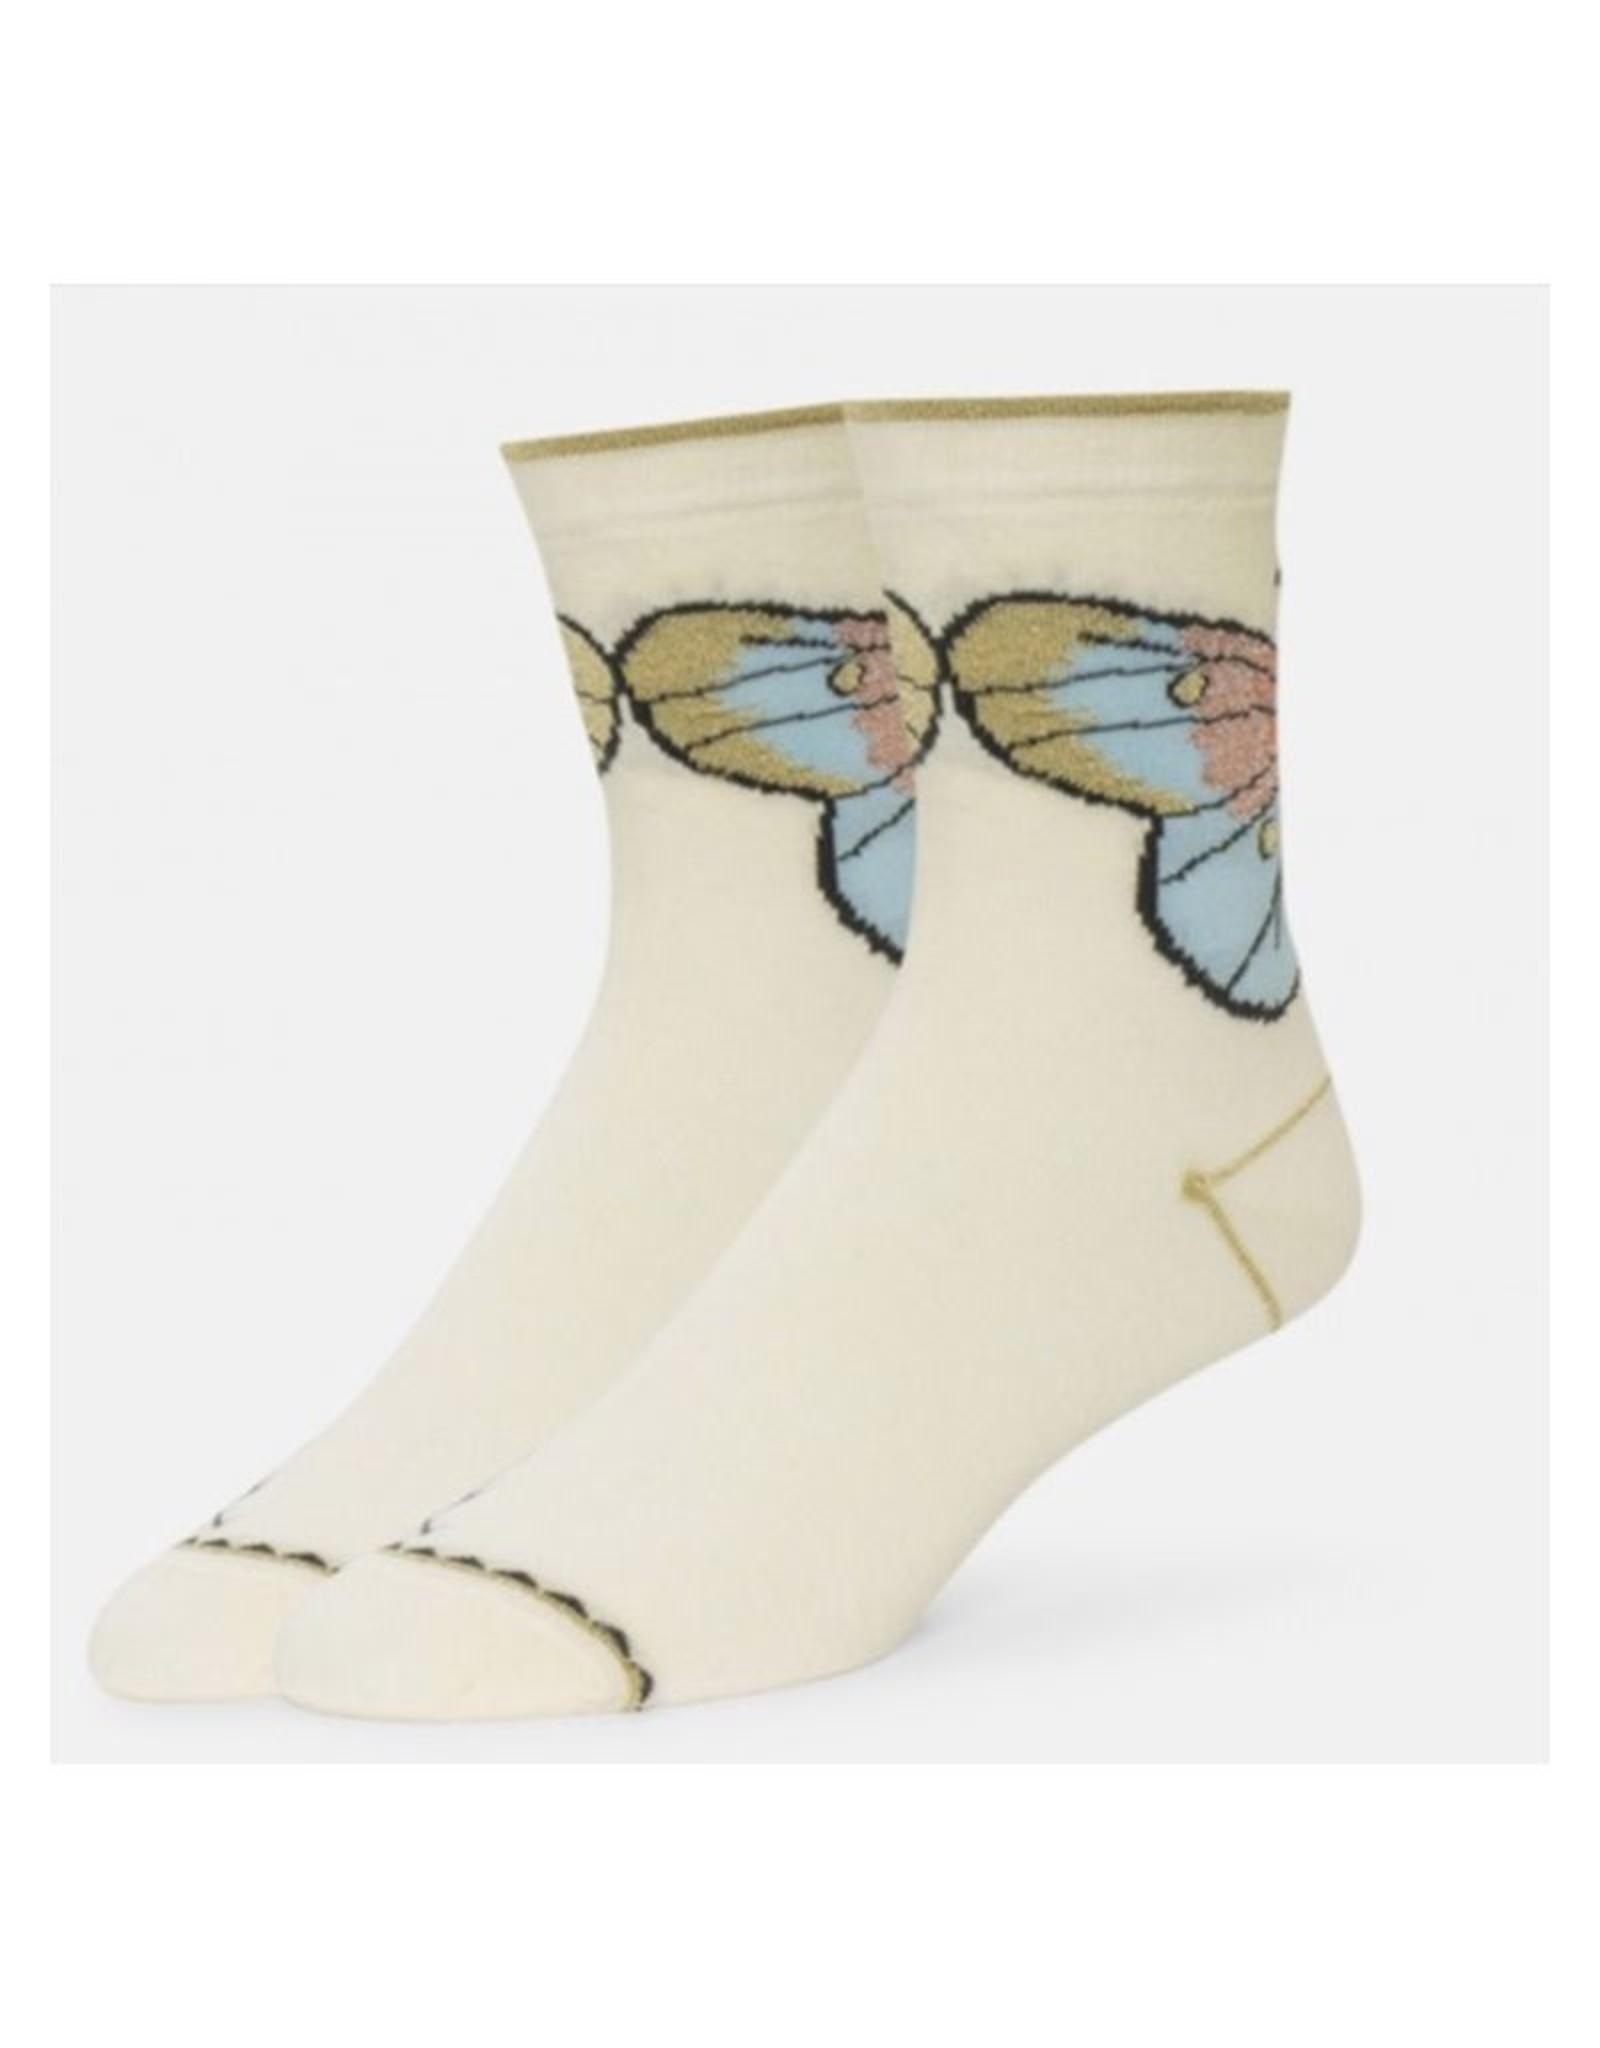 B.ella/Standard Merch Odile Sparkle Butterfly Ankle Socks